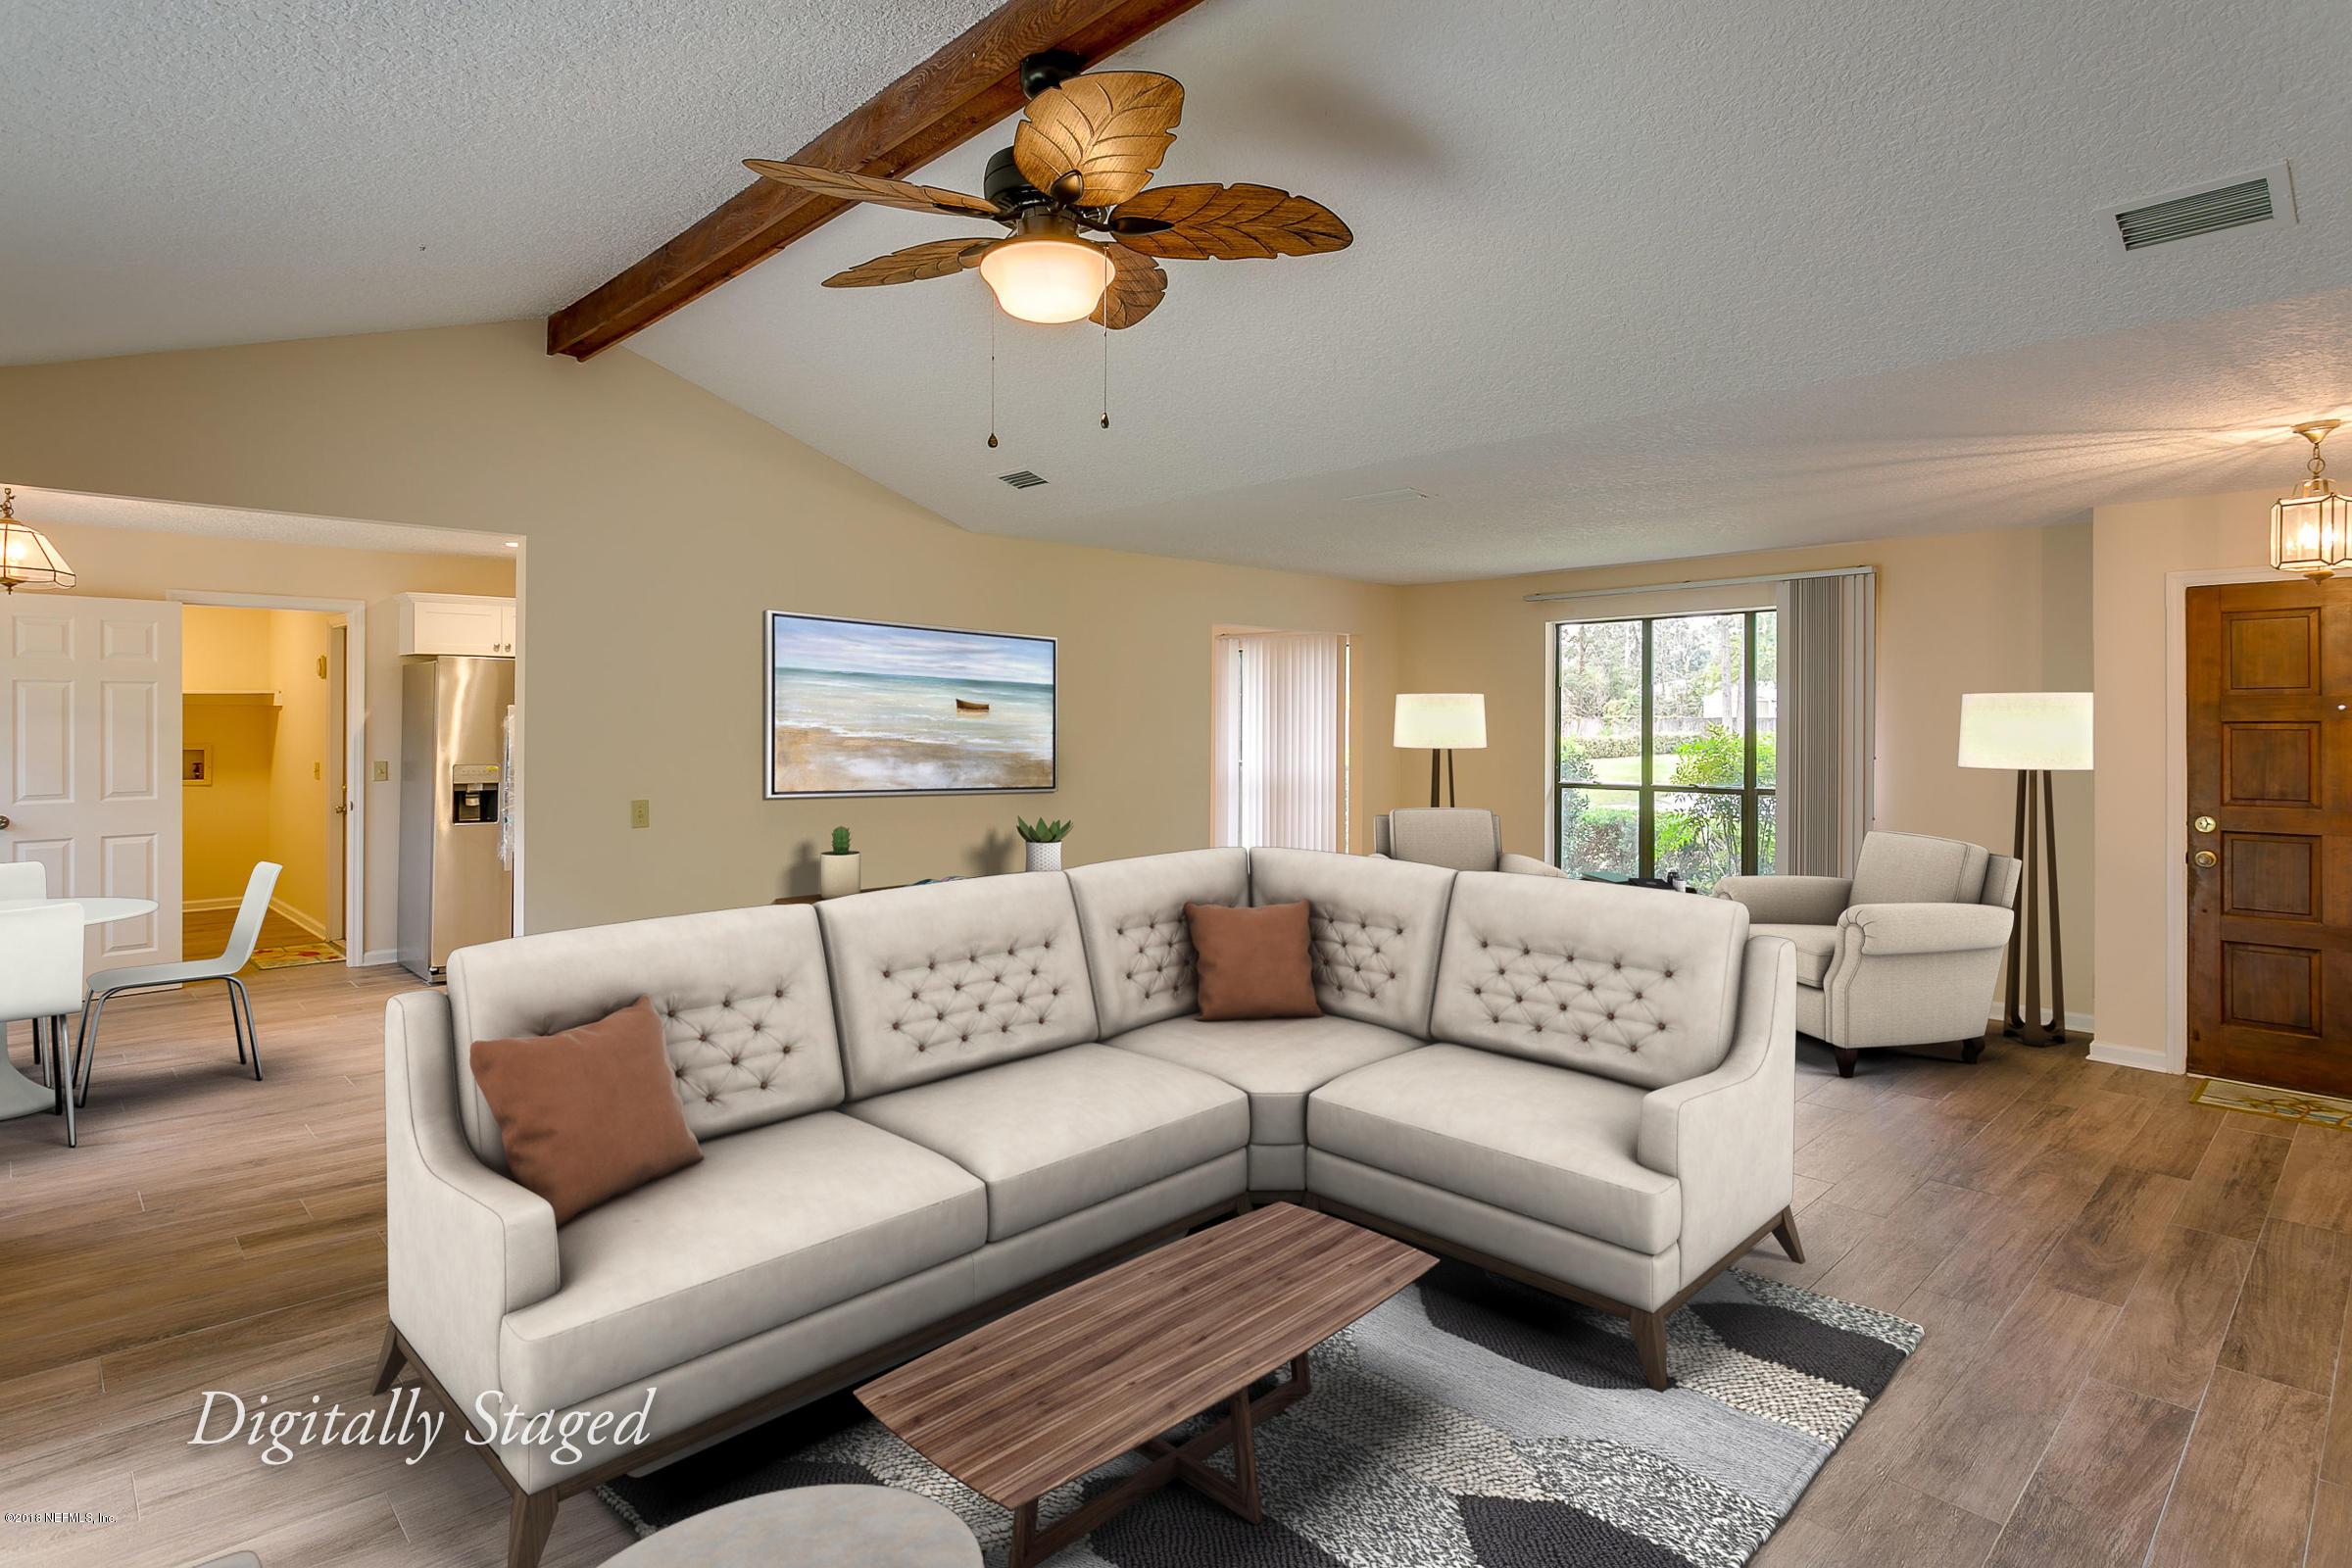 3194  CREIGHTON LANDING RD, Fleming Island, Florida